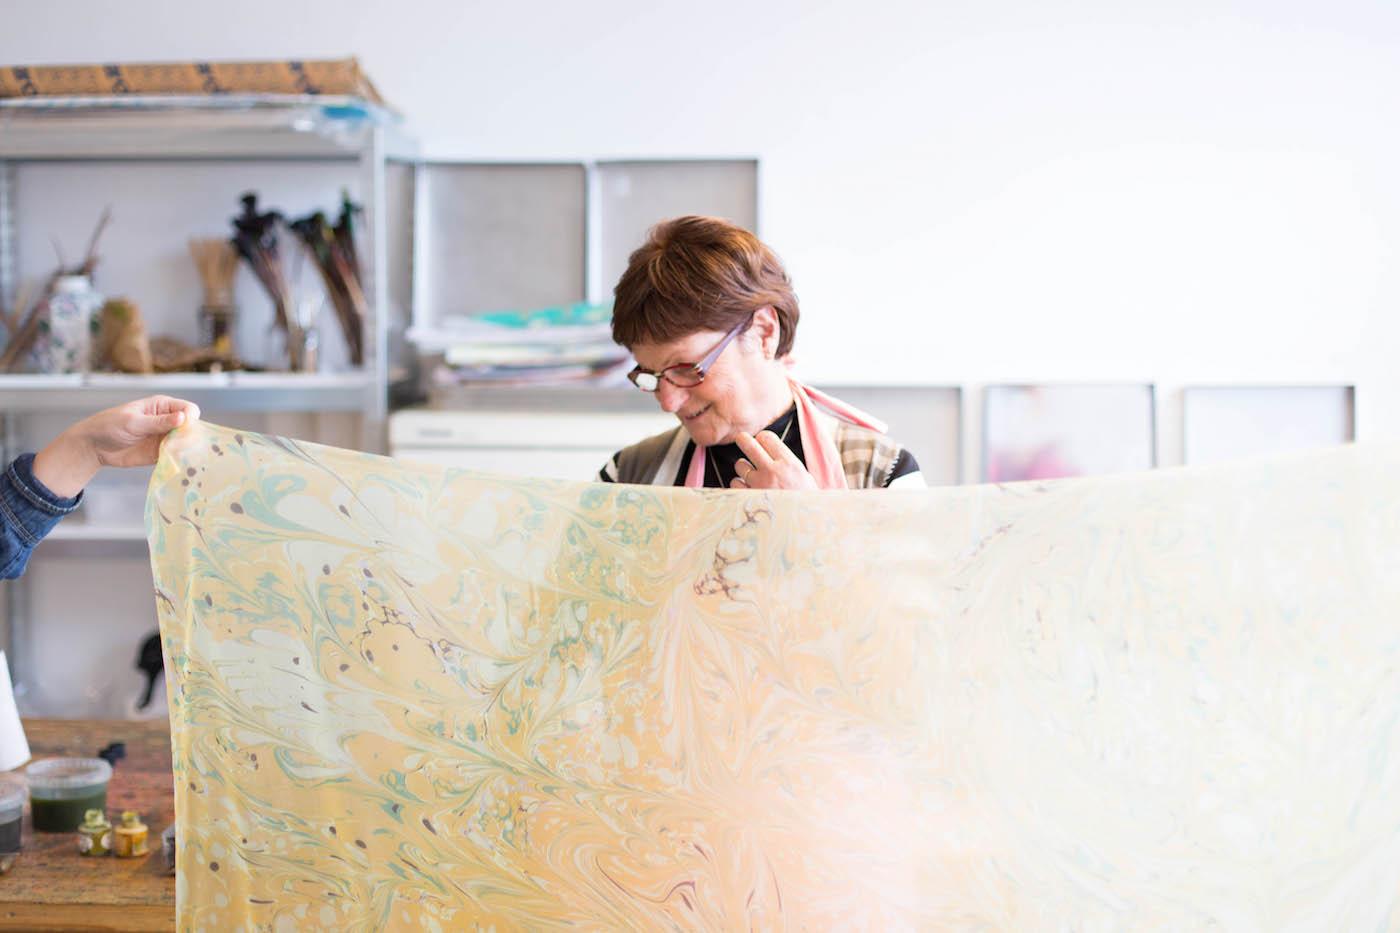 Ebruze workshop - Joey van Dongen